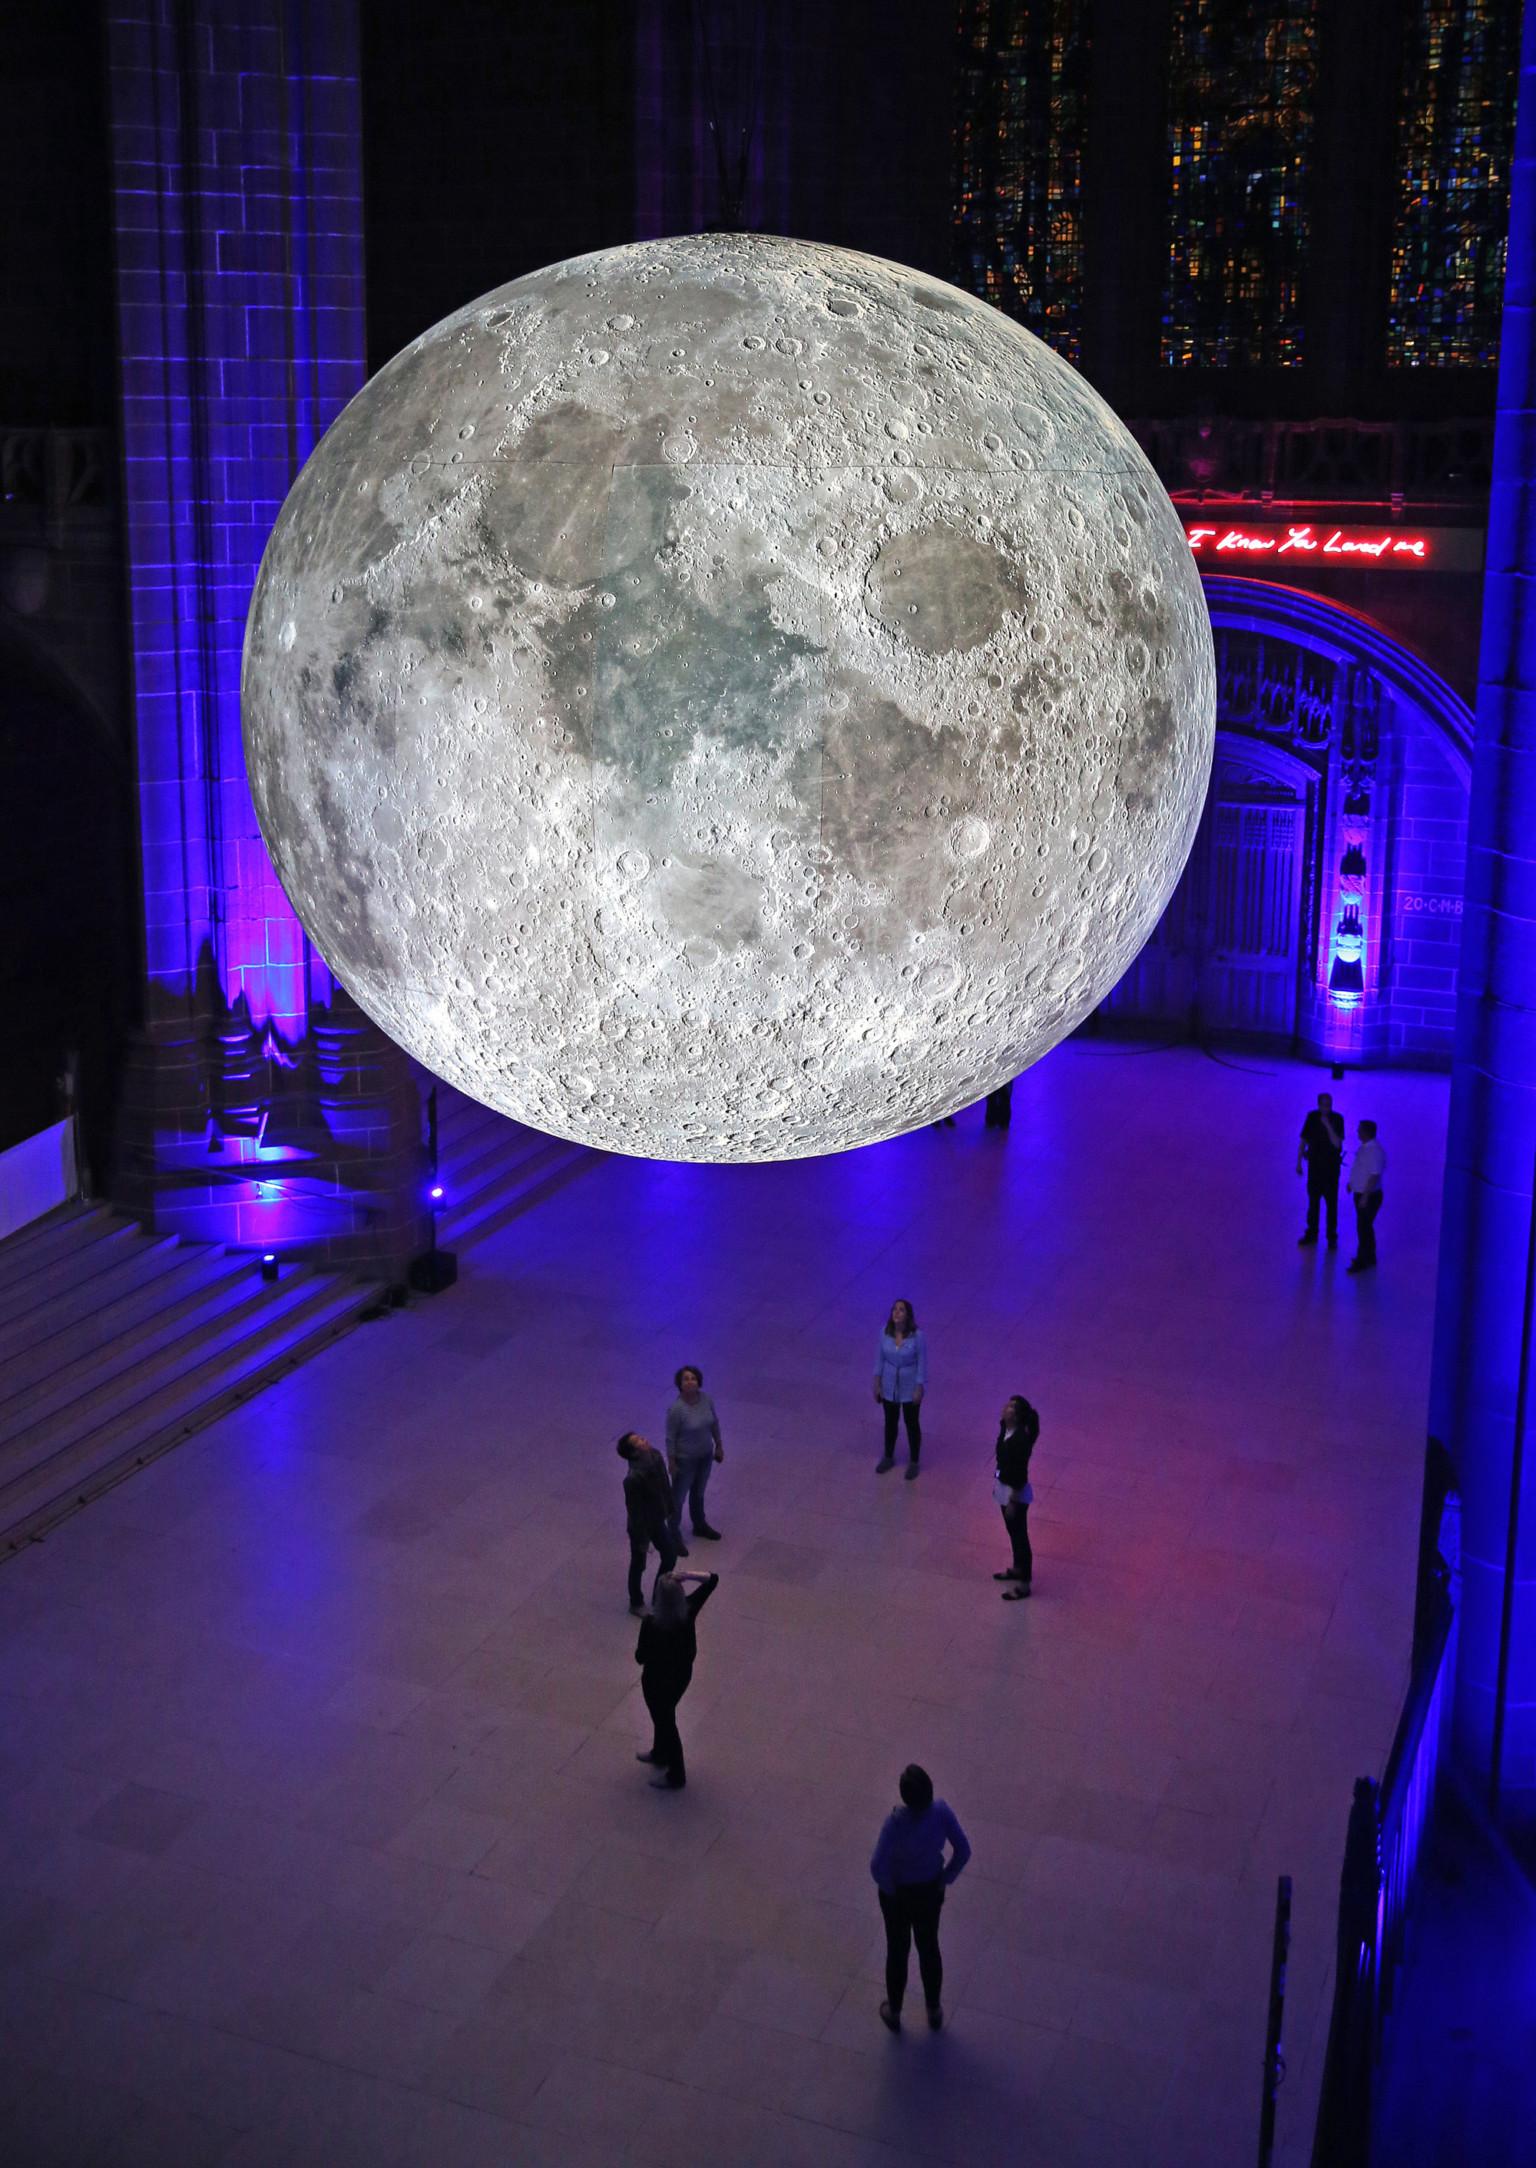 Andiamo sulla Luna, l'installazione di Luke Jerram | Collater.al